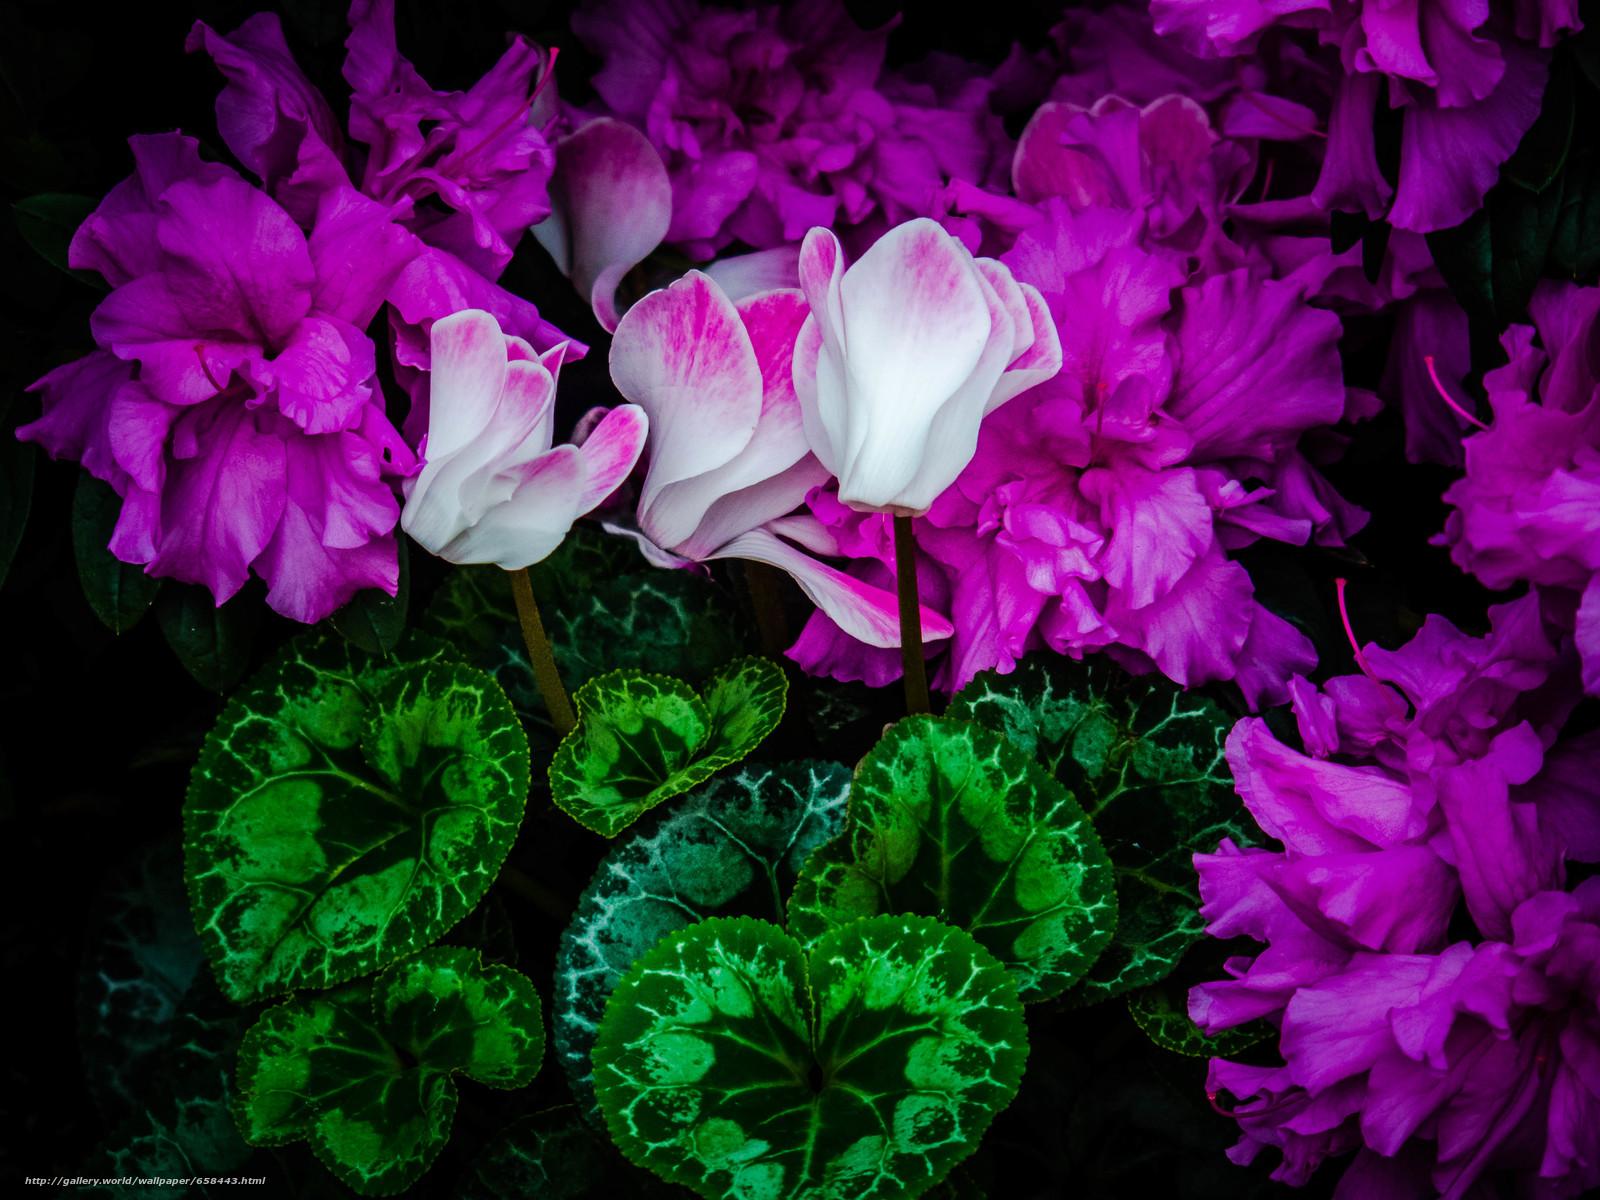 Скачать обои цветок,  цветы,  флора бесплатно для рабочего стола в разрешении 3968x2976 — картинка №658443